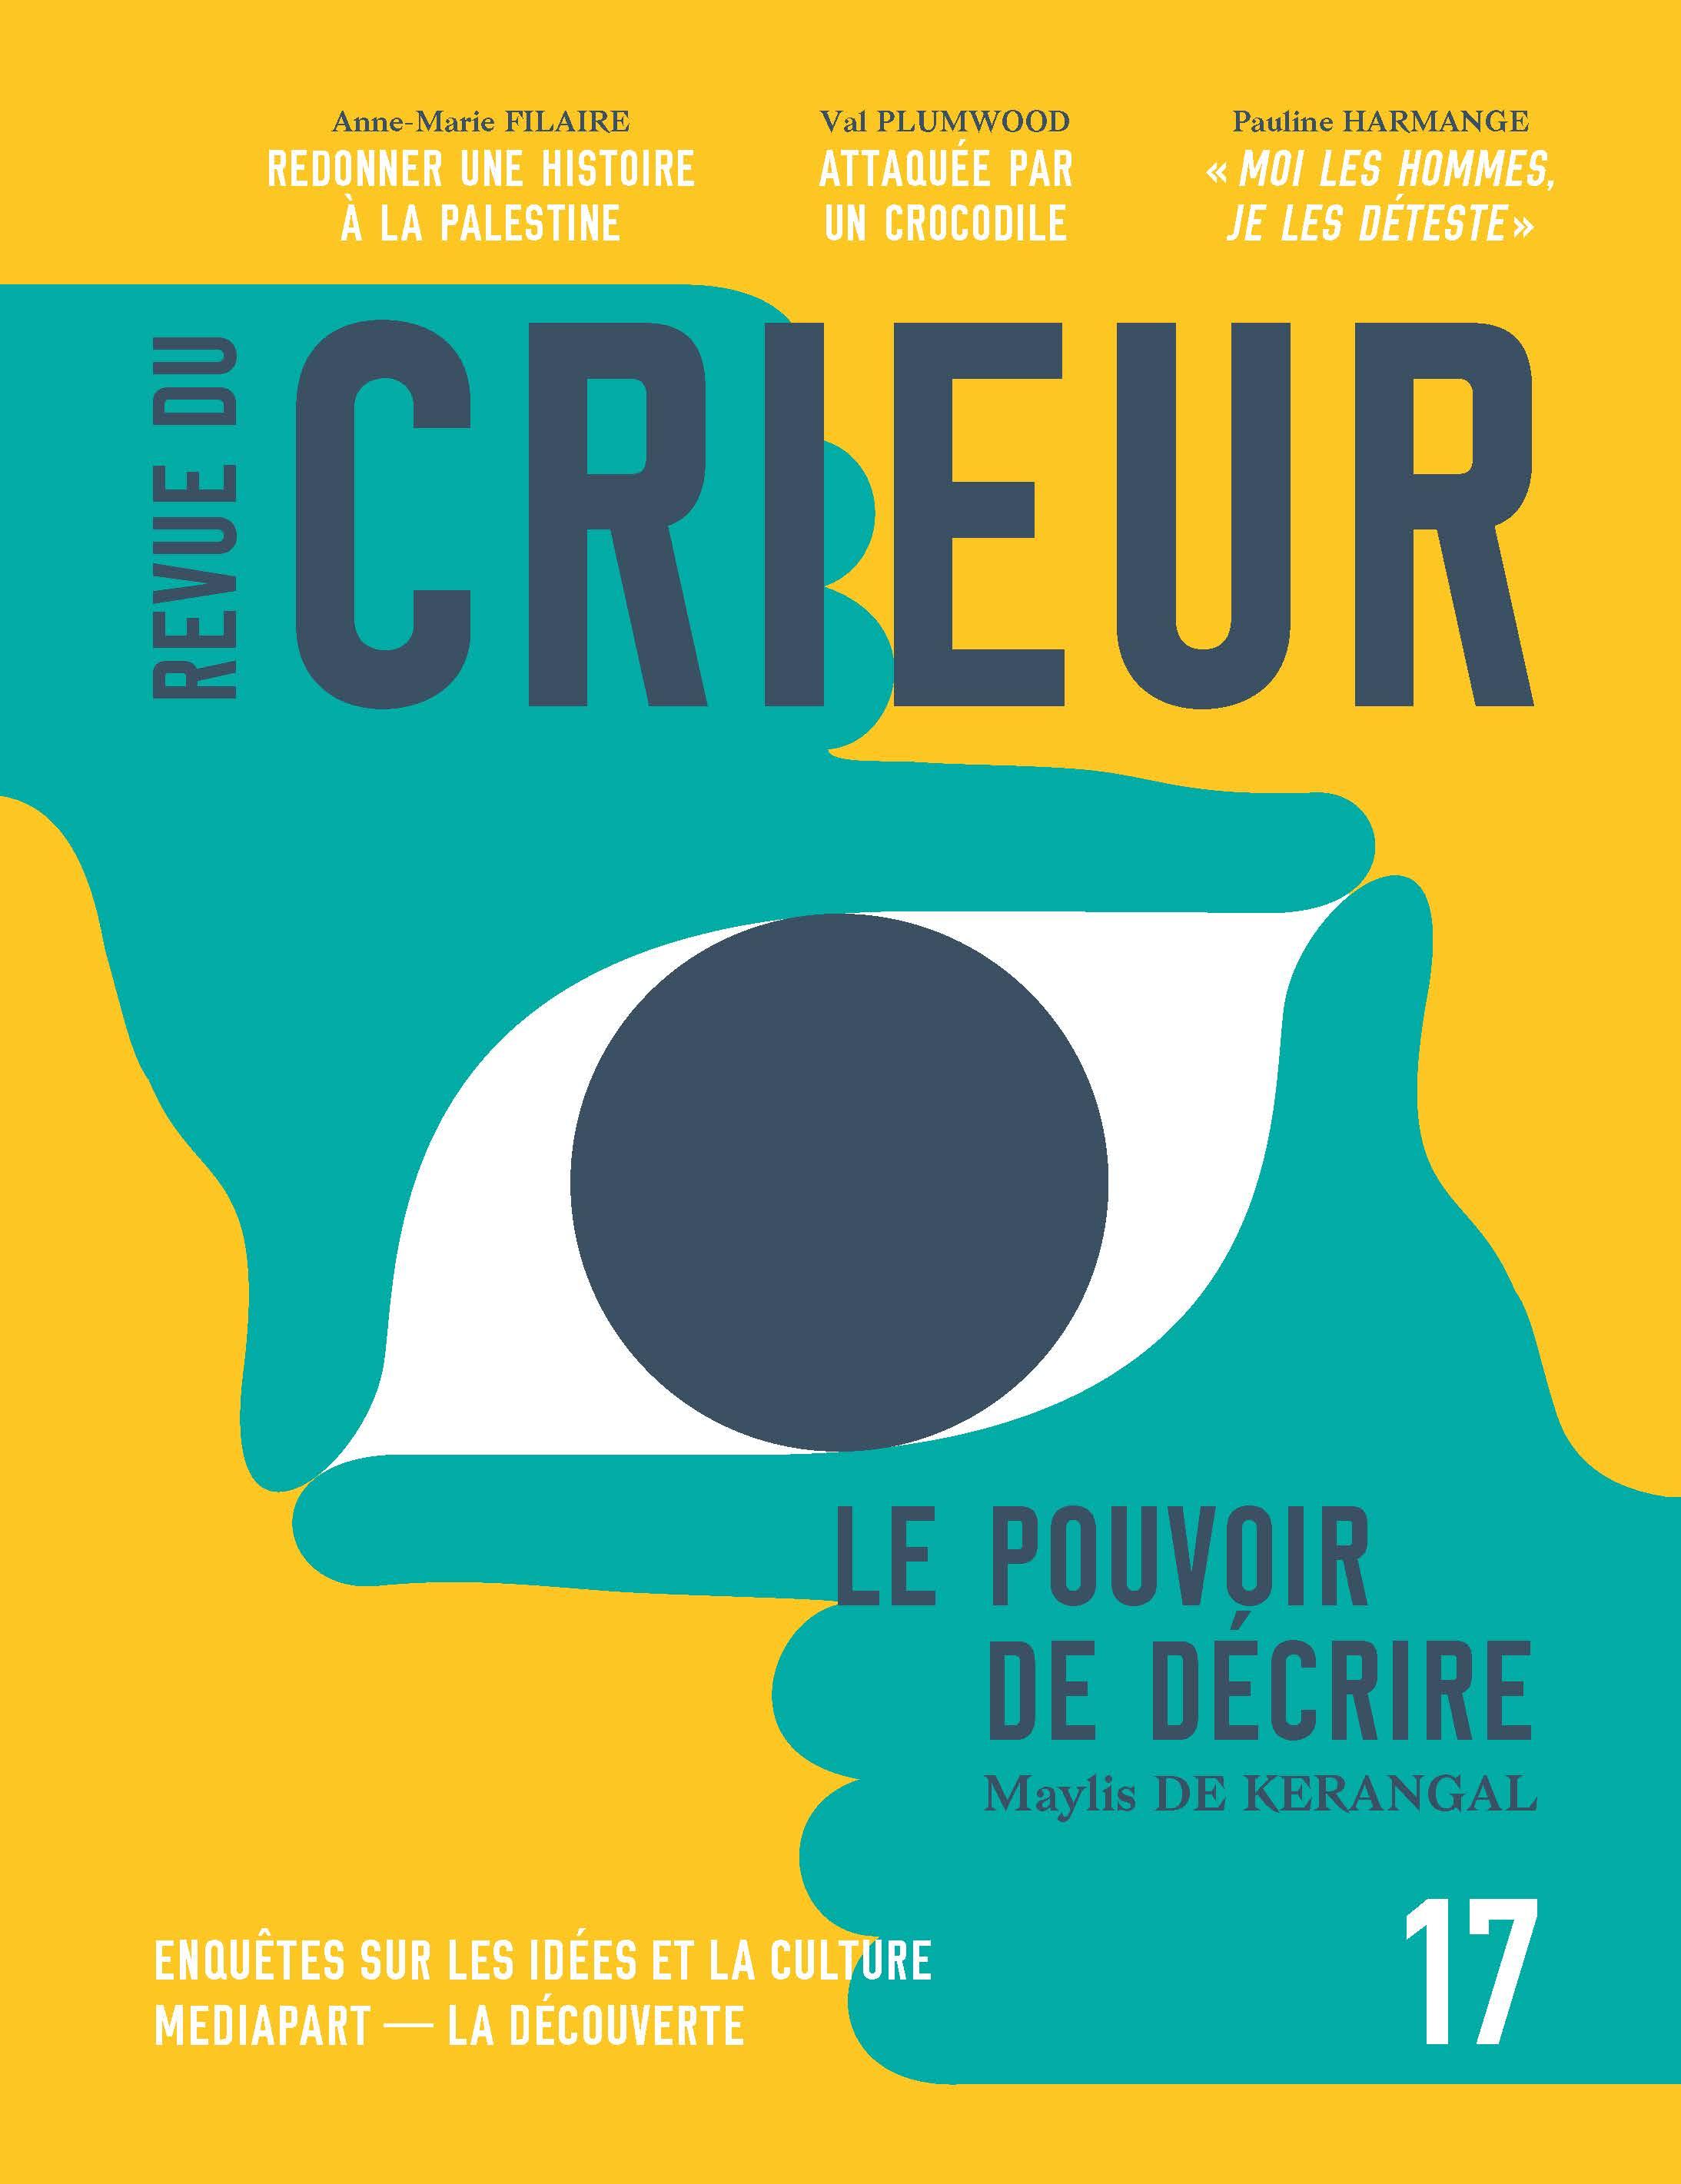 Revue du crieur - Novembre 2020